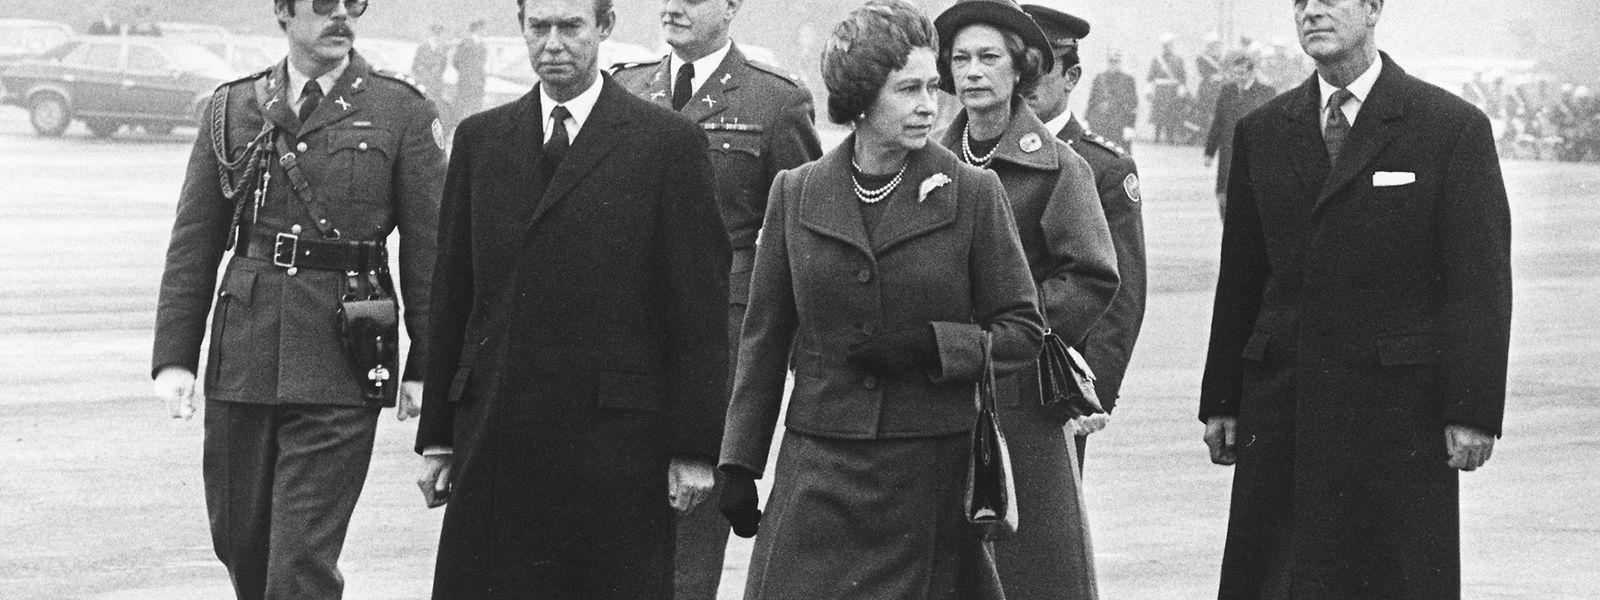 Receção do casal real no Findel